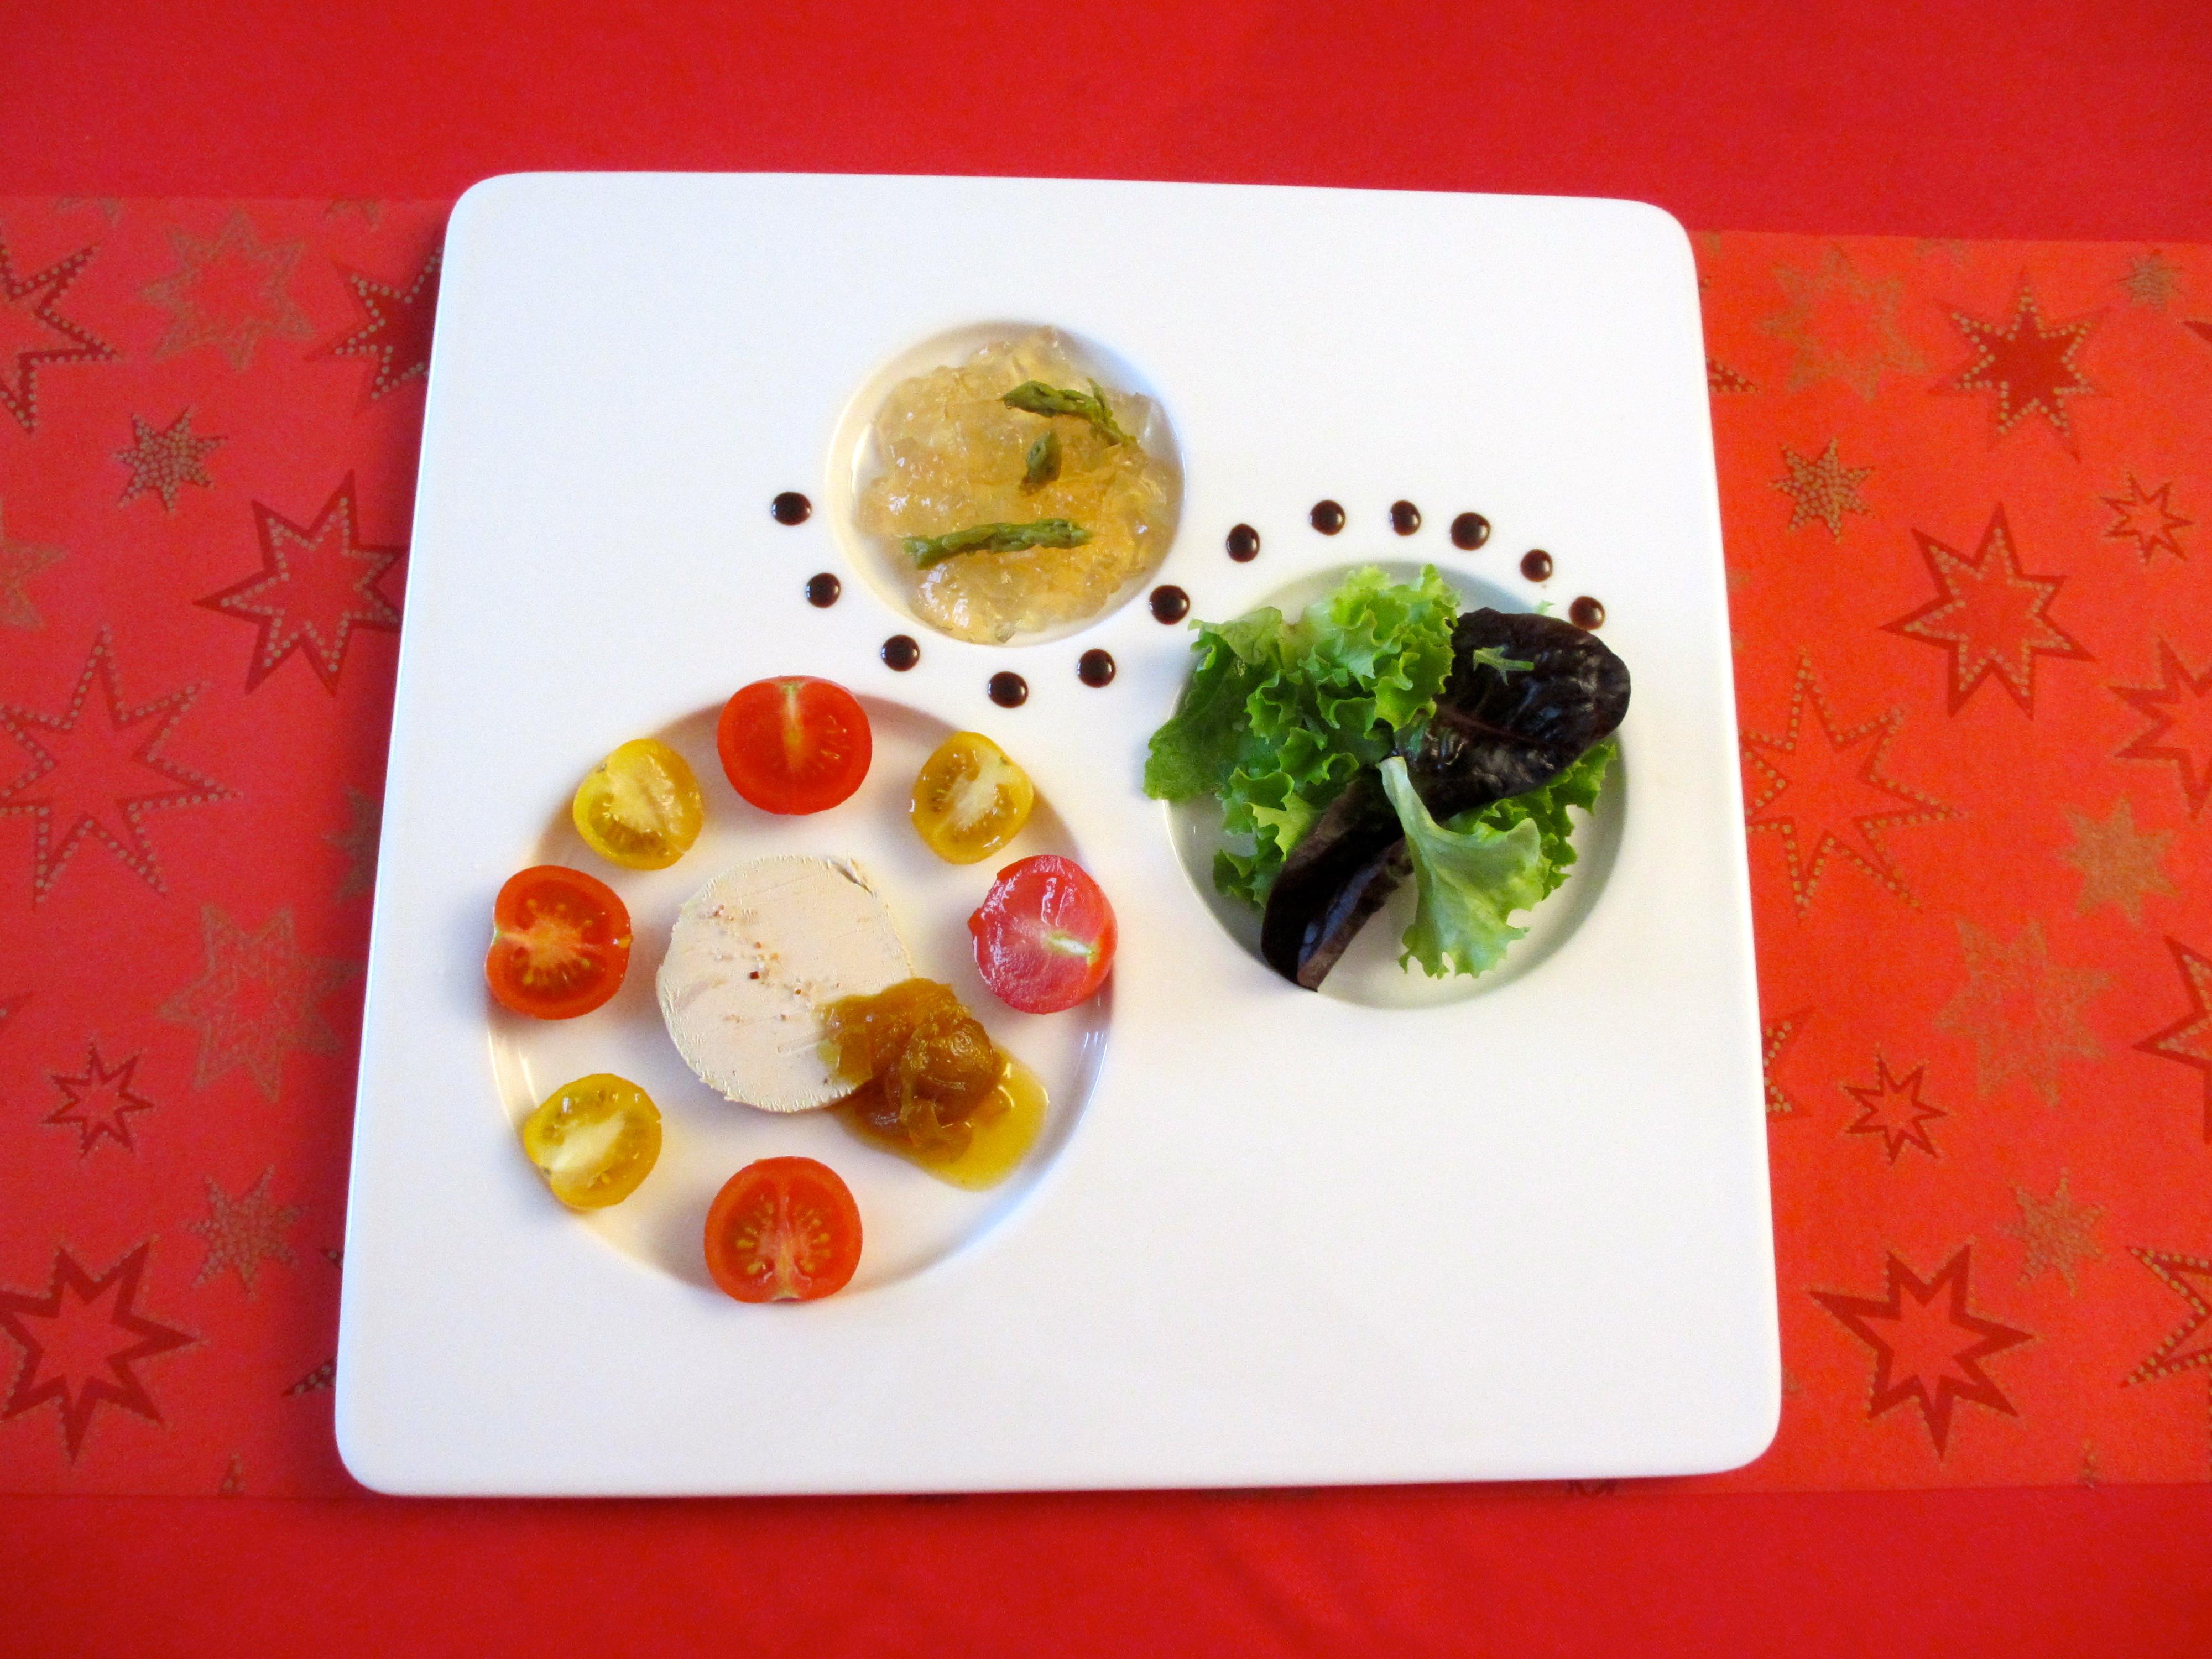 Assiette de foie gras et ses accompagnements diet d lices recettes diet tiques - Decoration foie gras assiette ...